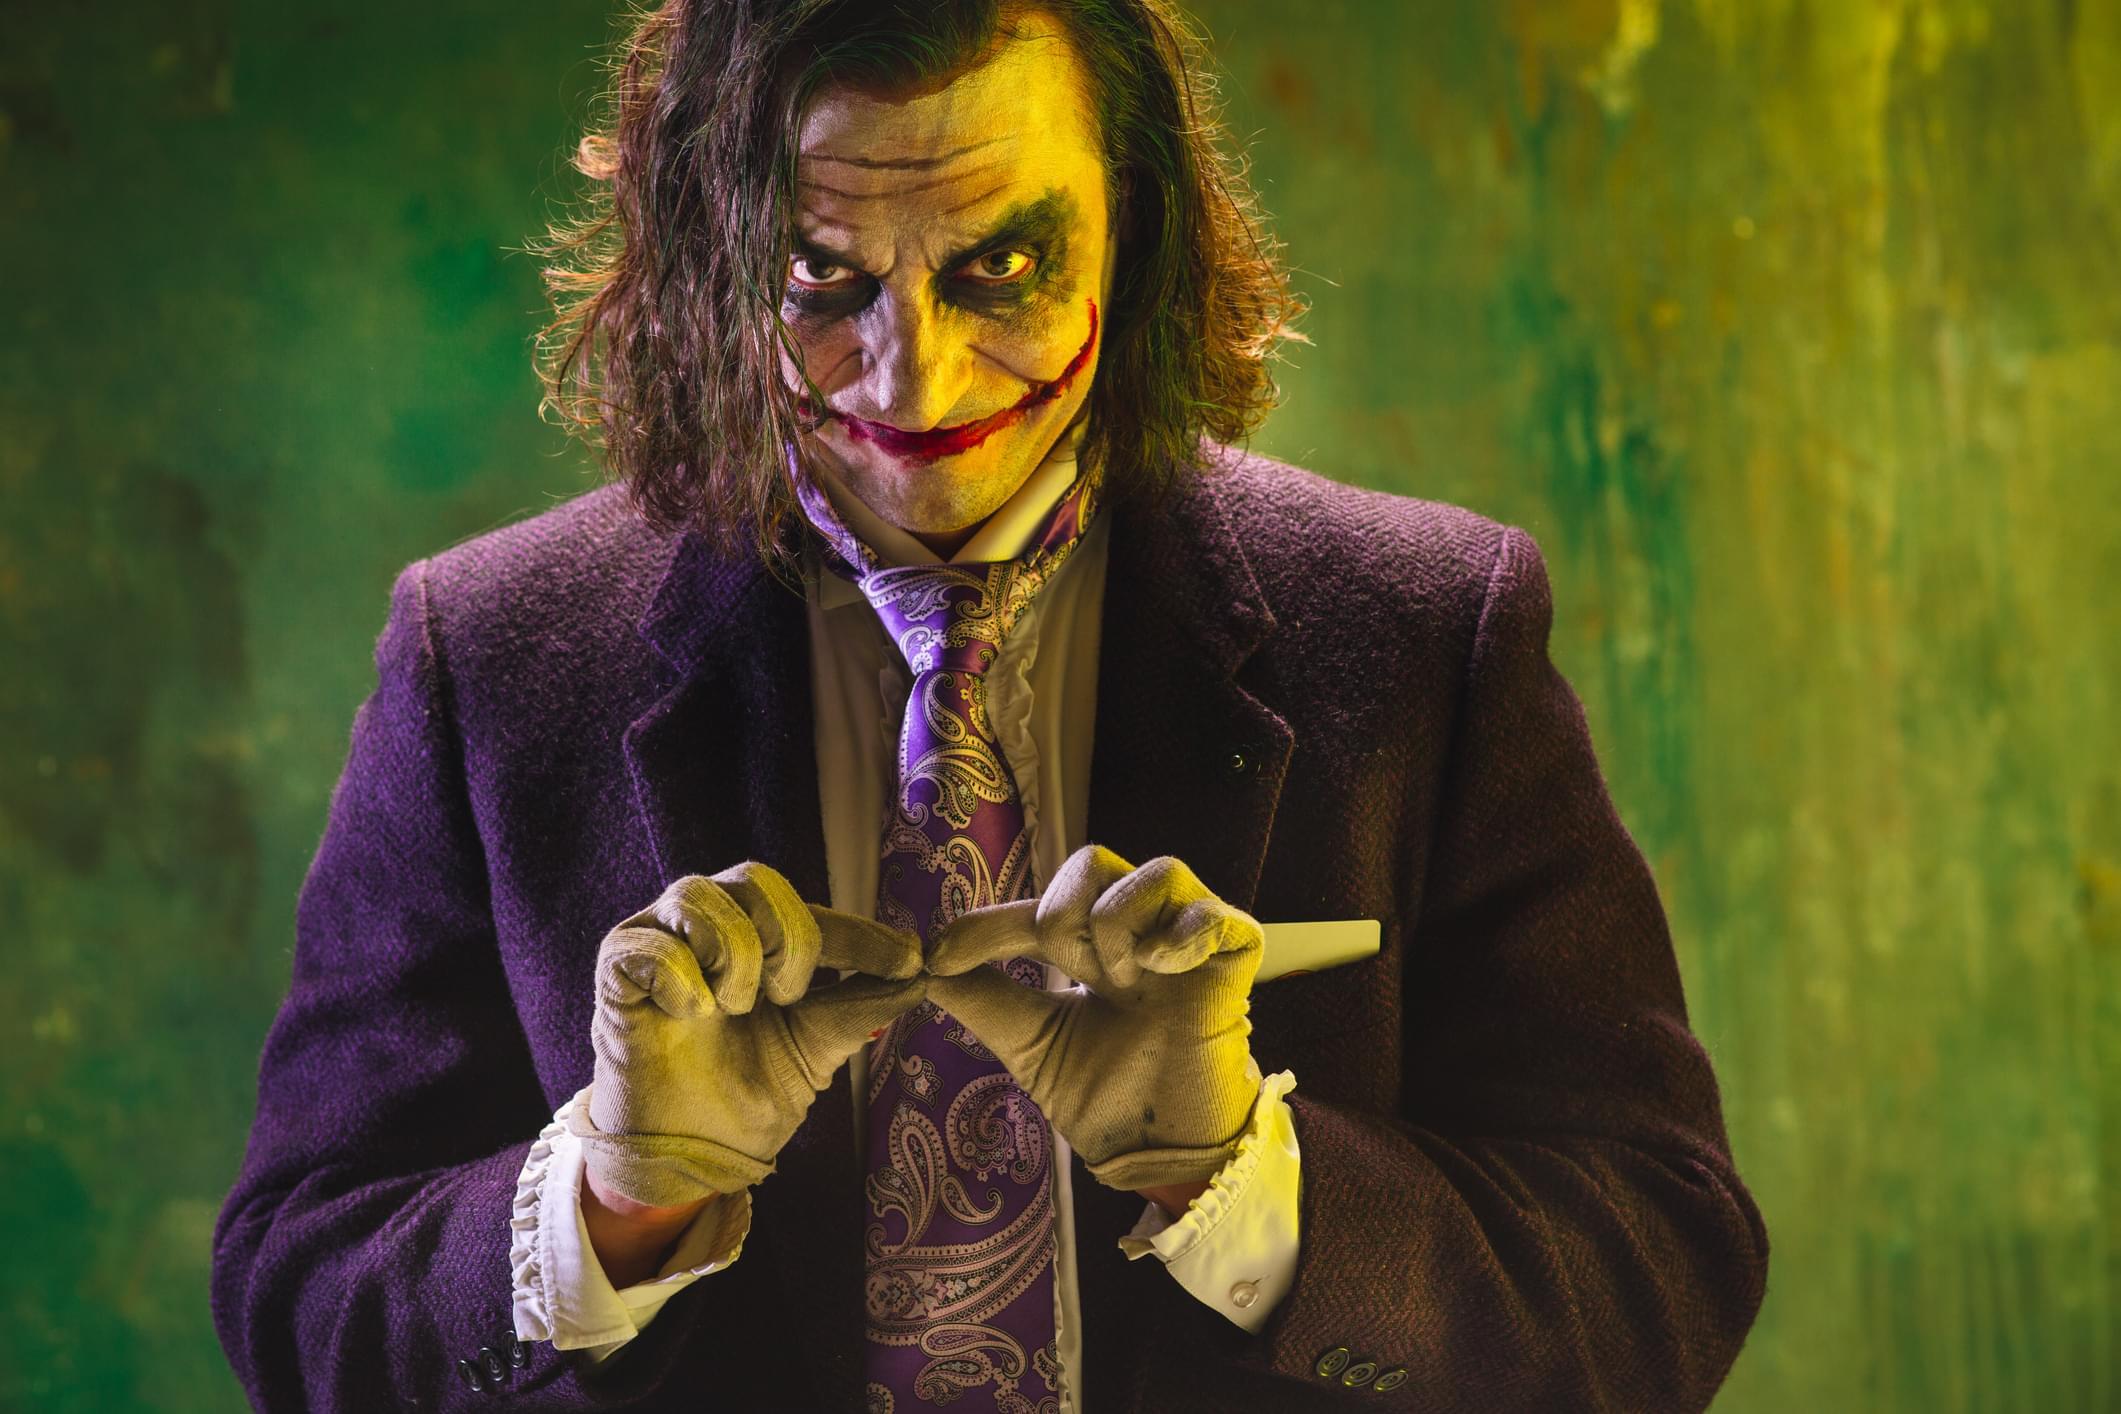 Tony & Melissa: Joker Triggering Issues?